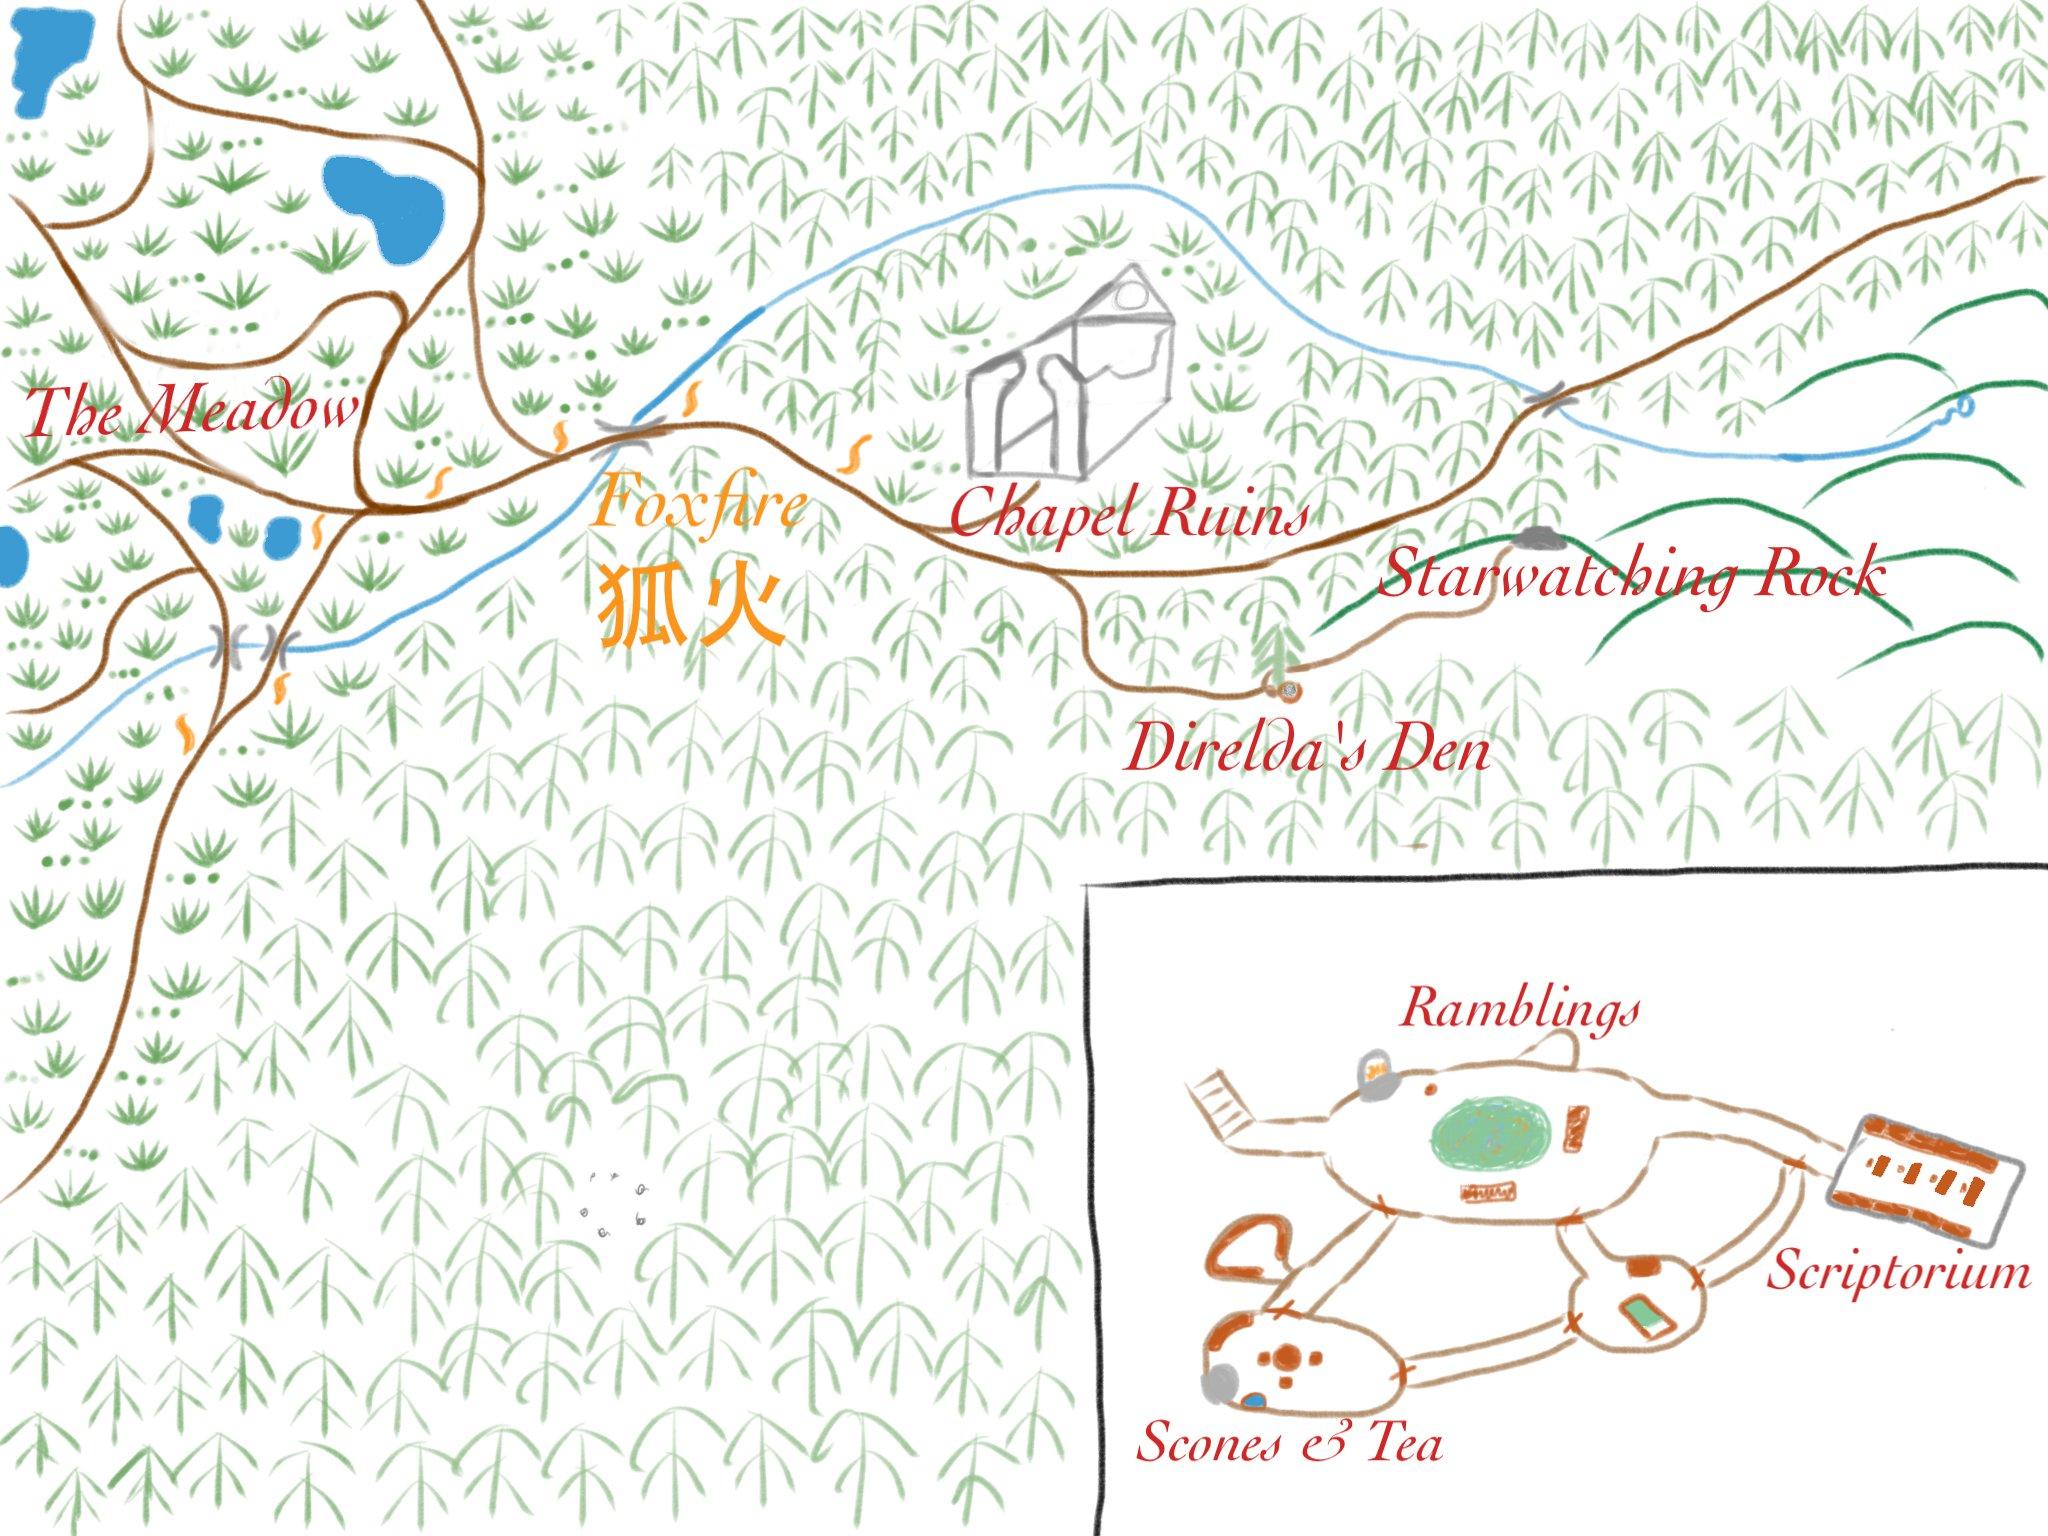 A map of Direlda's Den